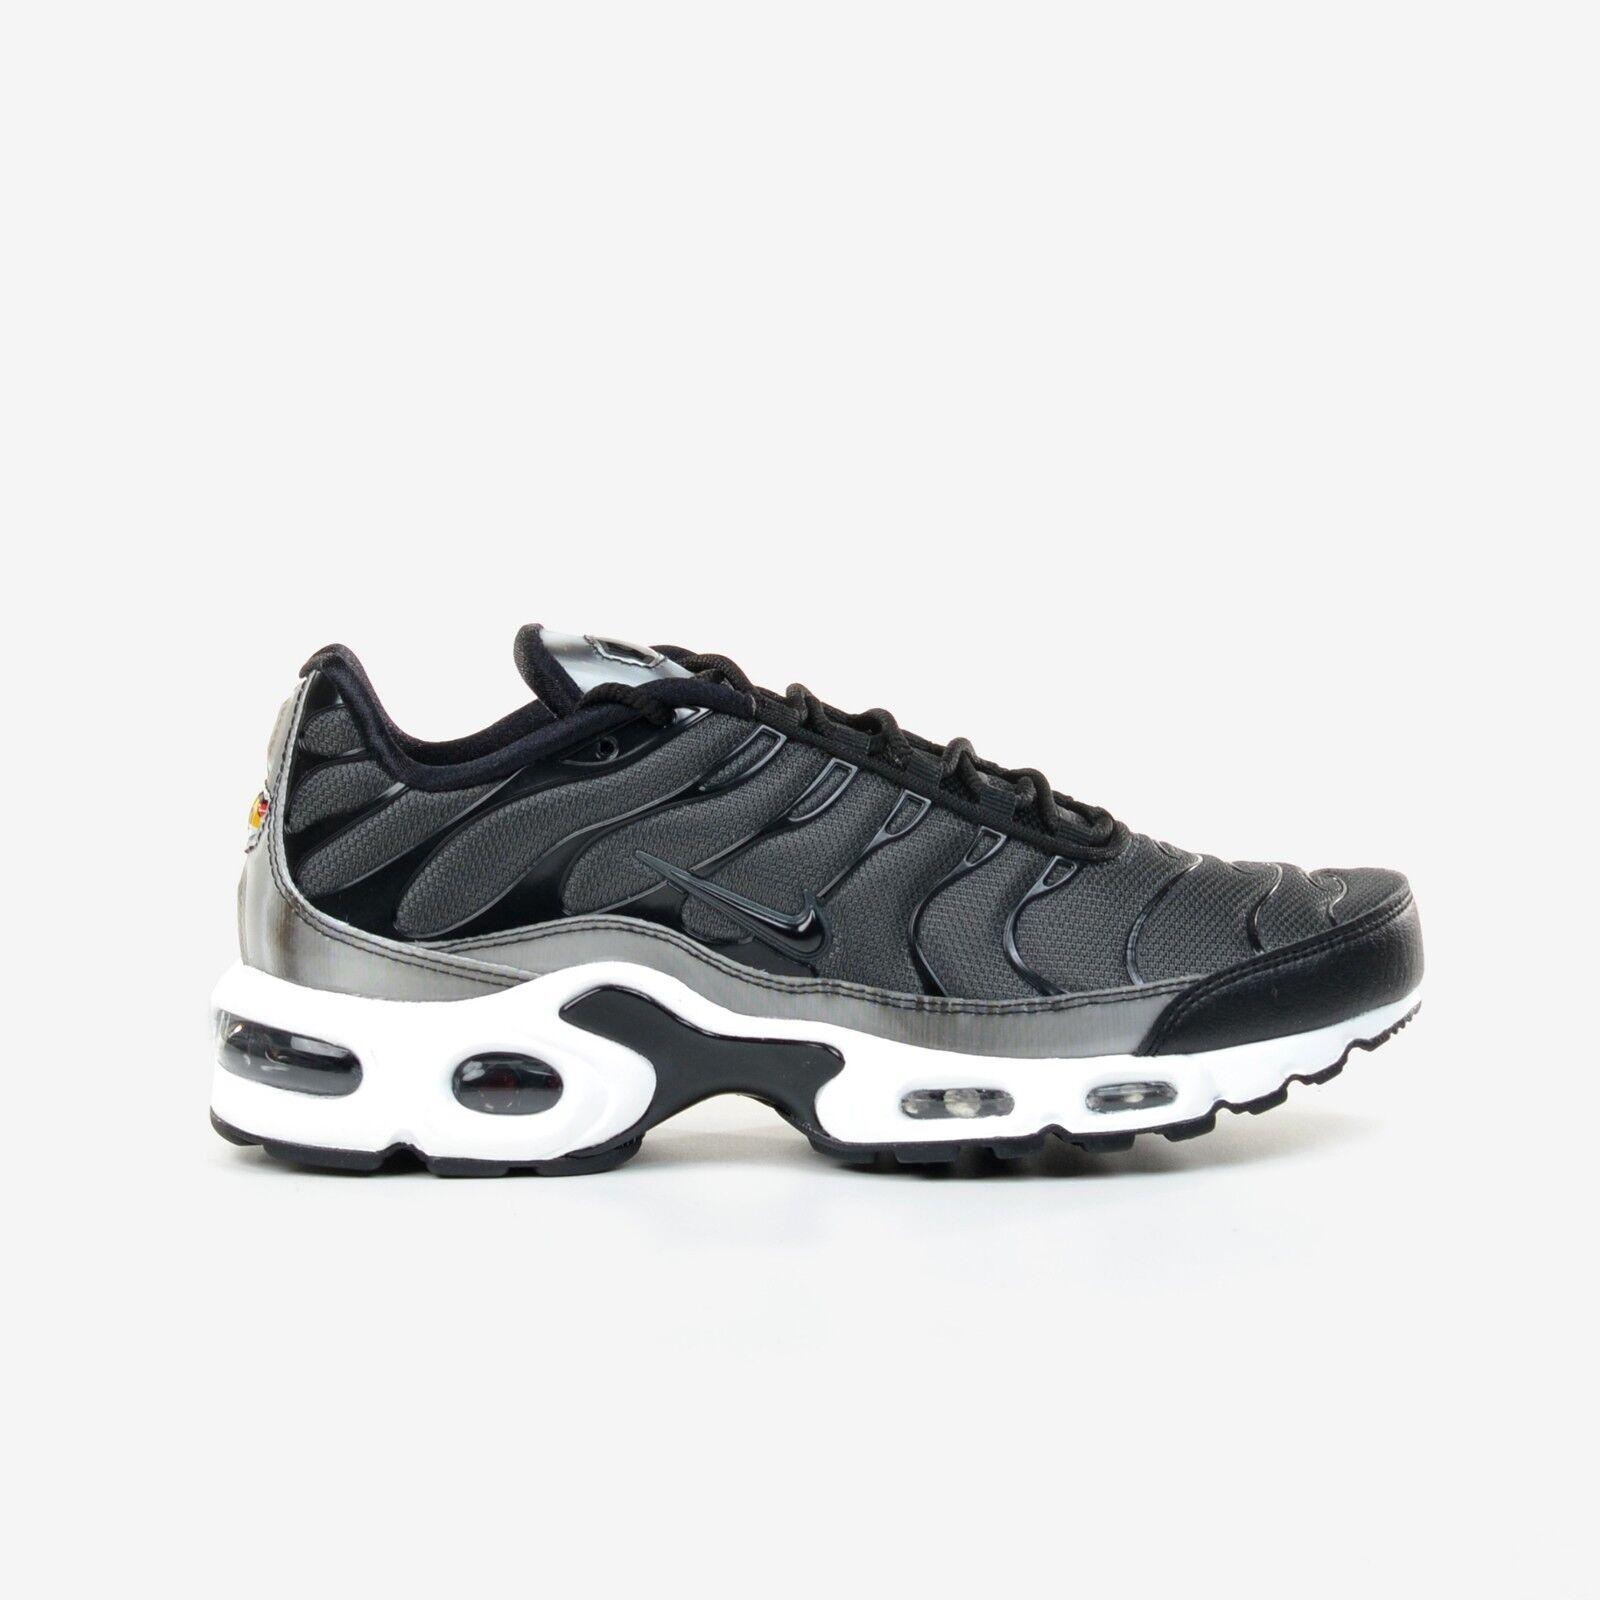 Nike air max e se le donne scarpe da corsa 862201-003 antracite bianco nero